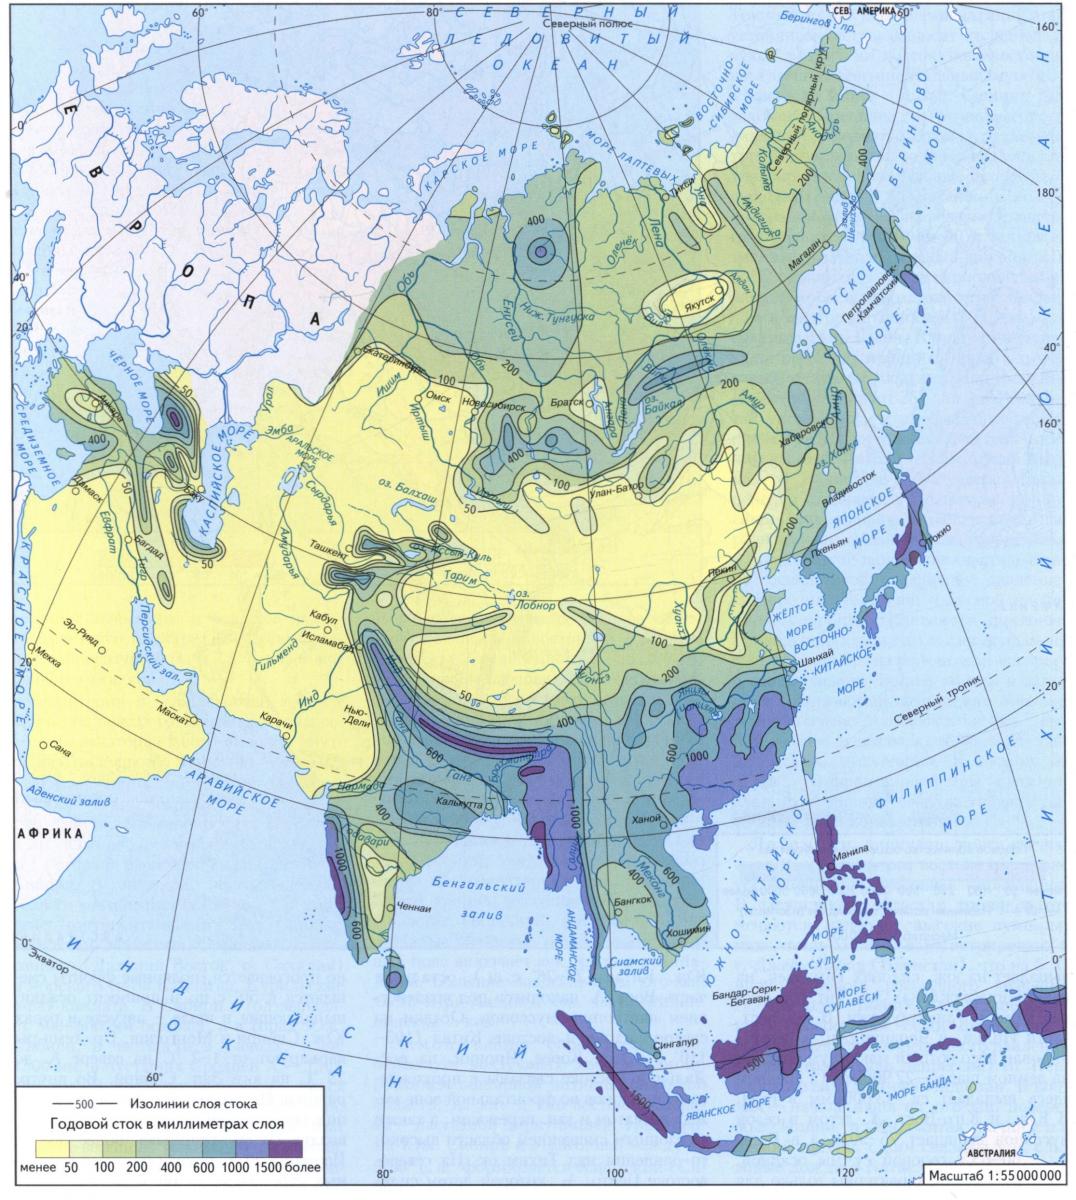 речной сток в Азии